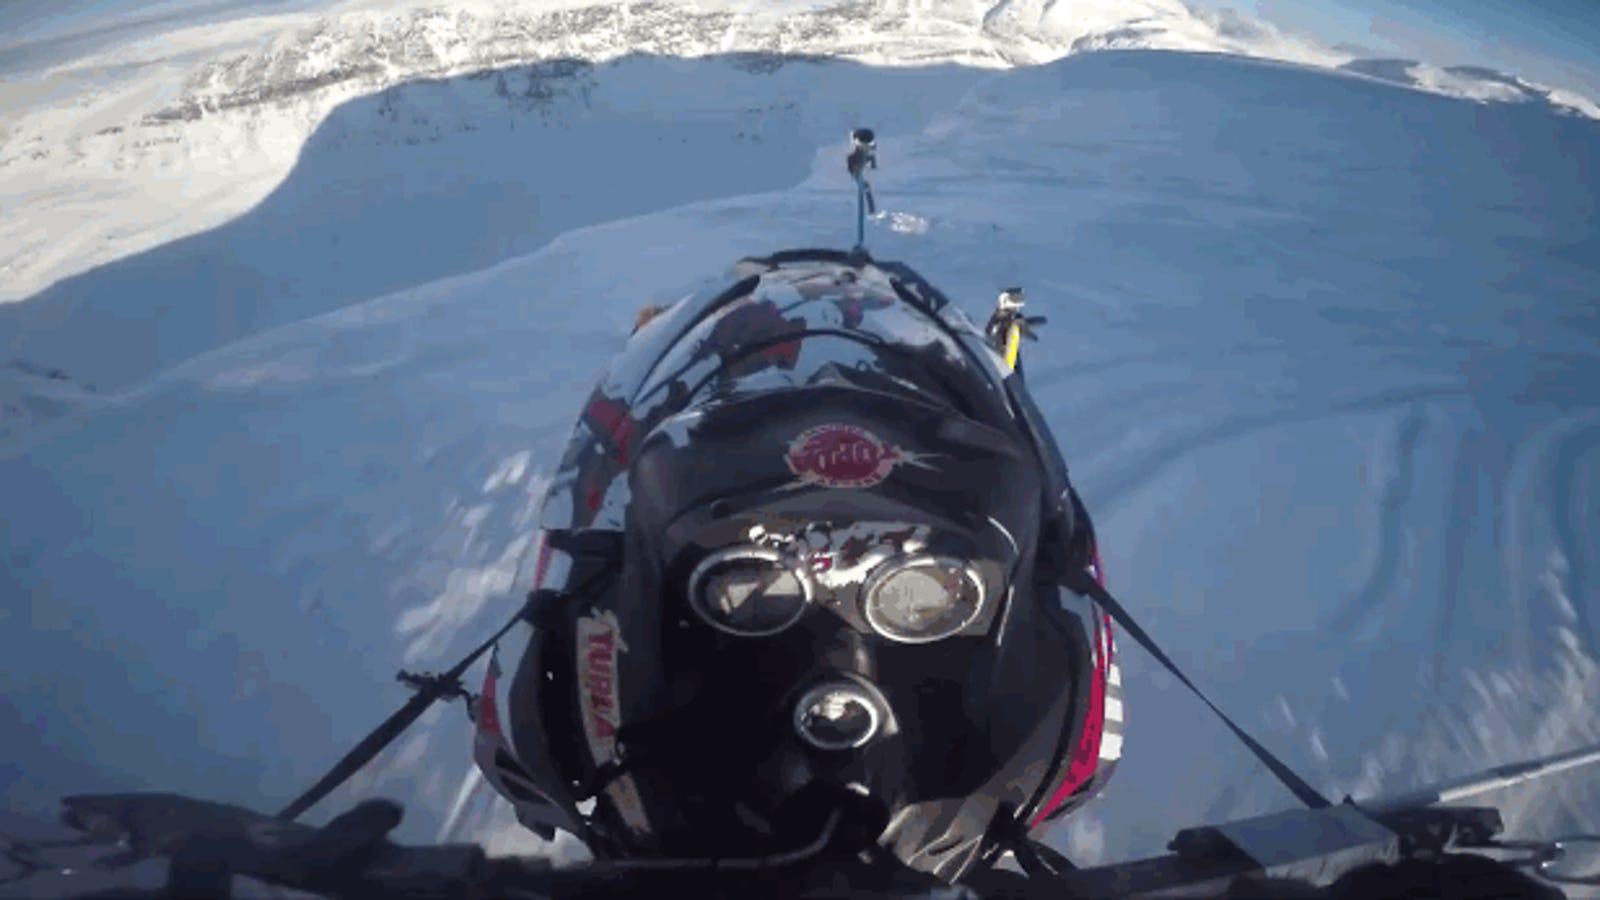 No saltes al vacío con una moto de nieve a menos que vuele, como esta